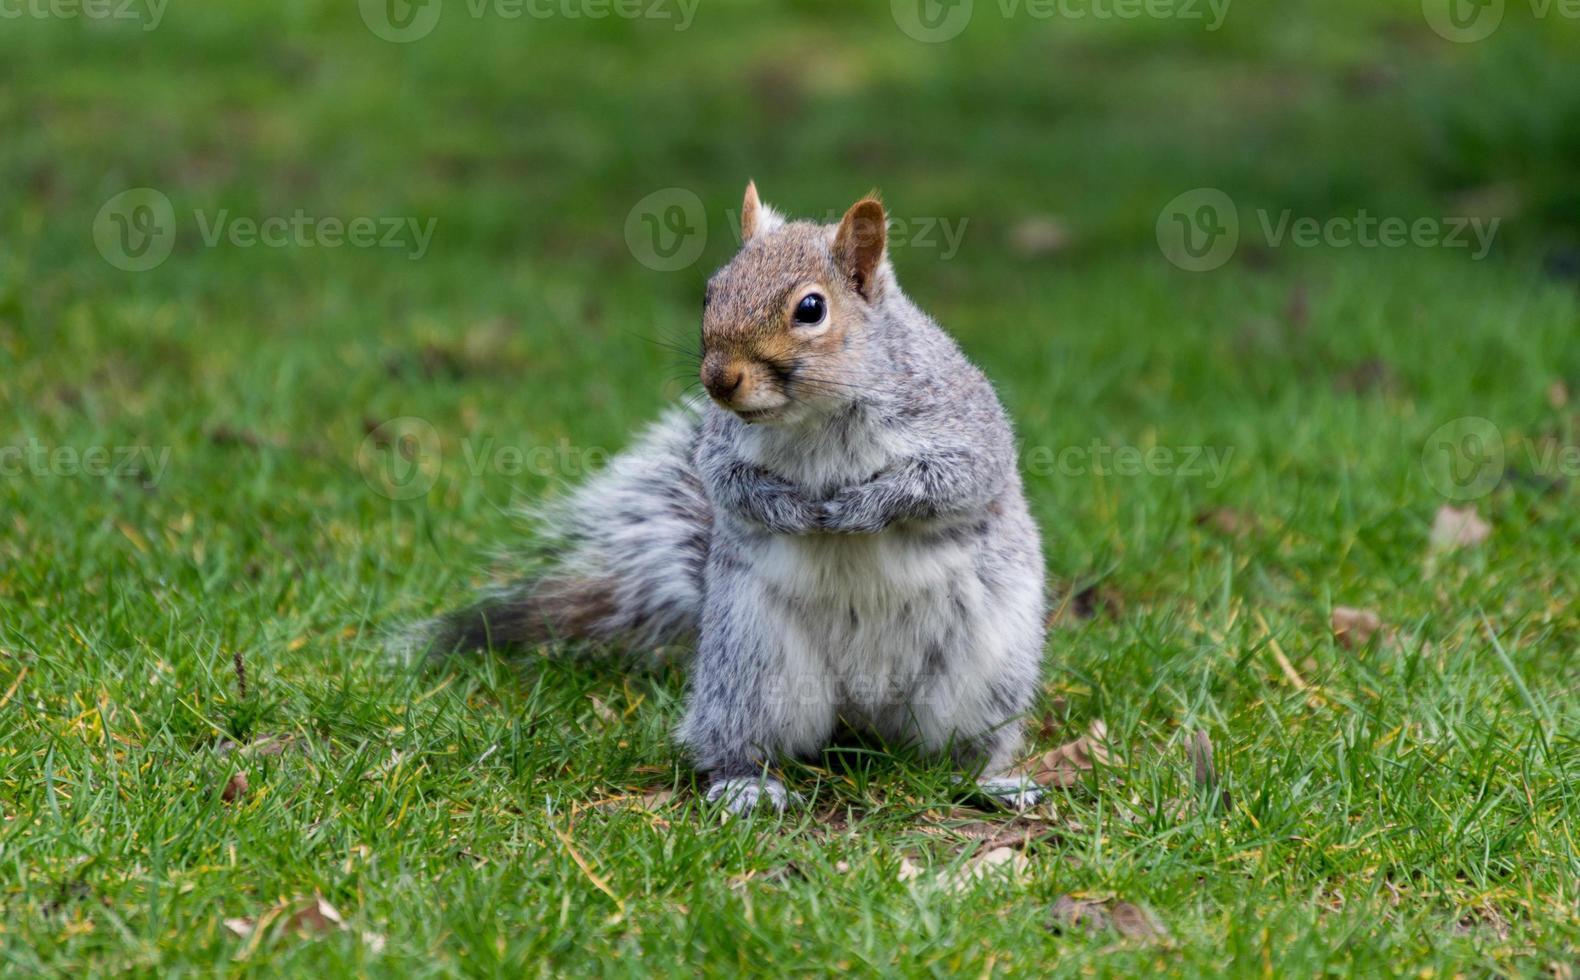 simpatico scoiattolo grigio in piedi sull'erba in un parco foto